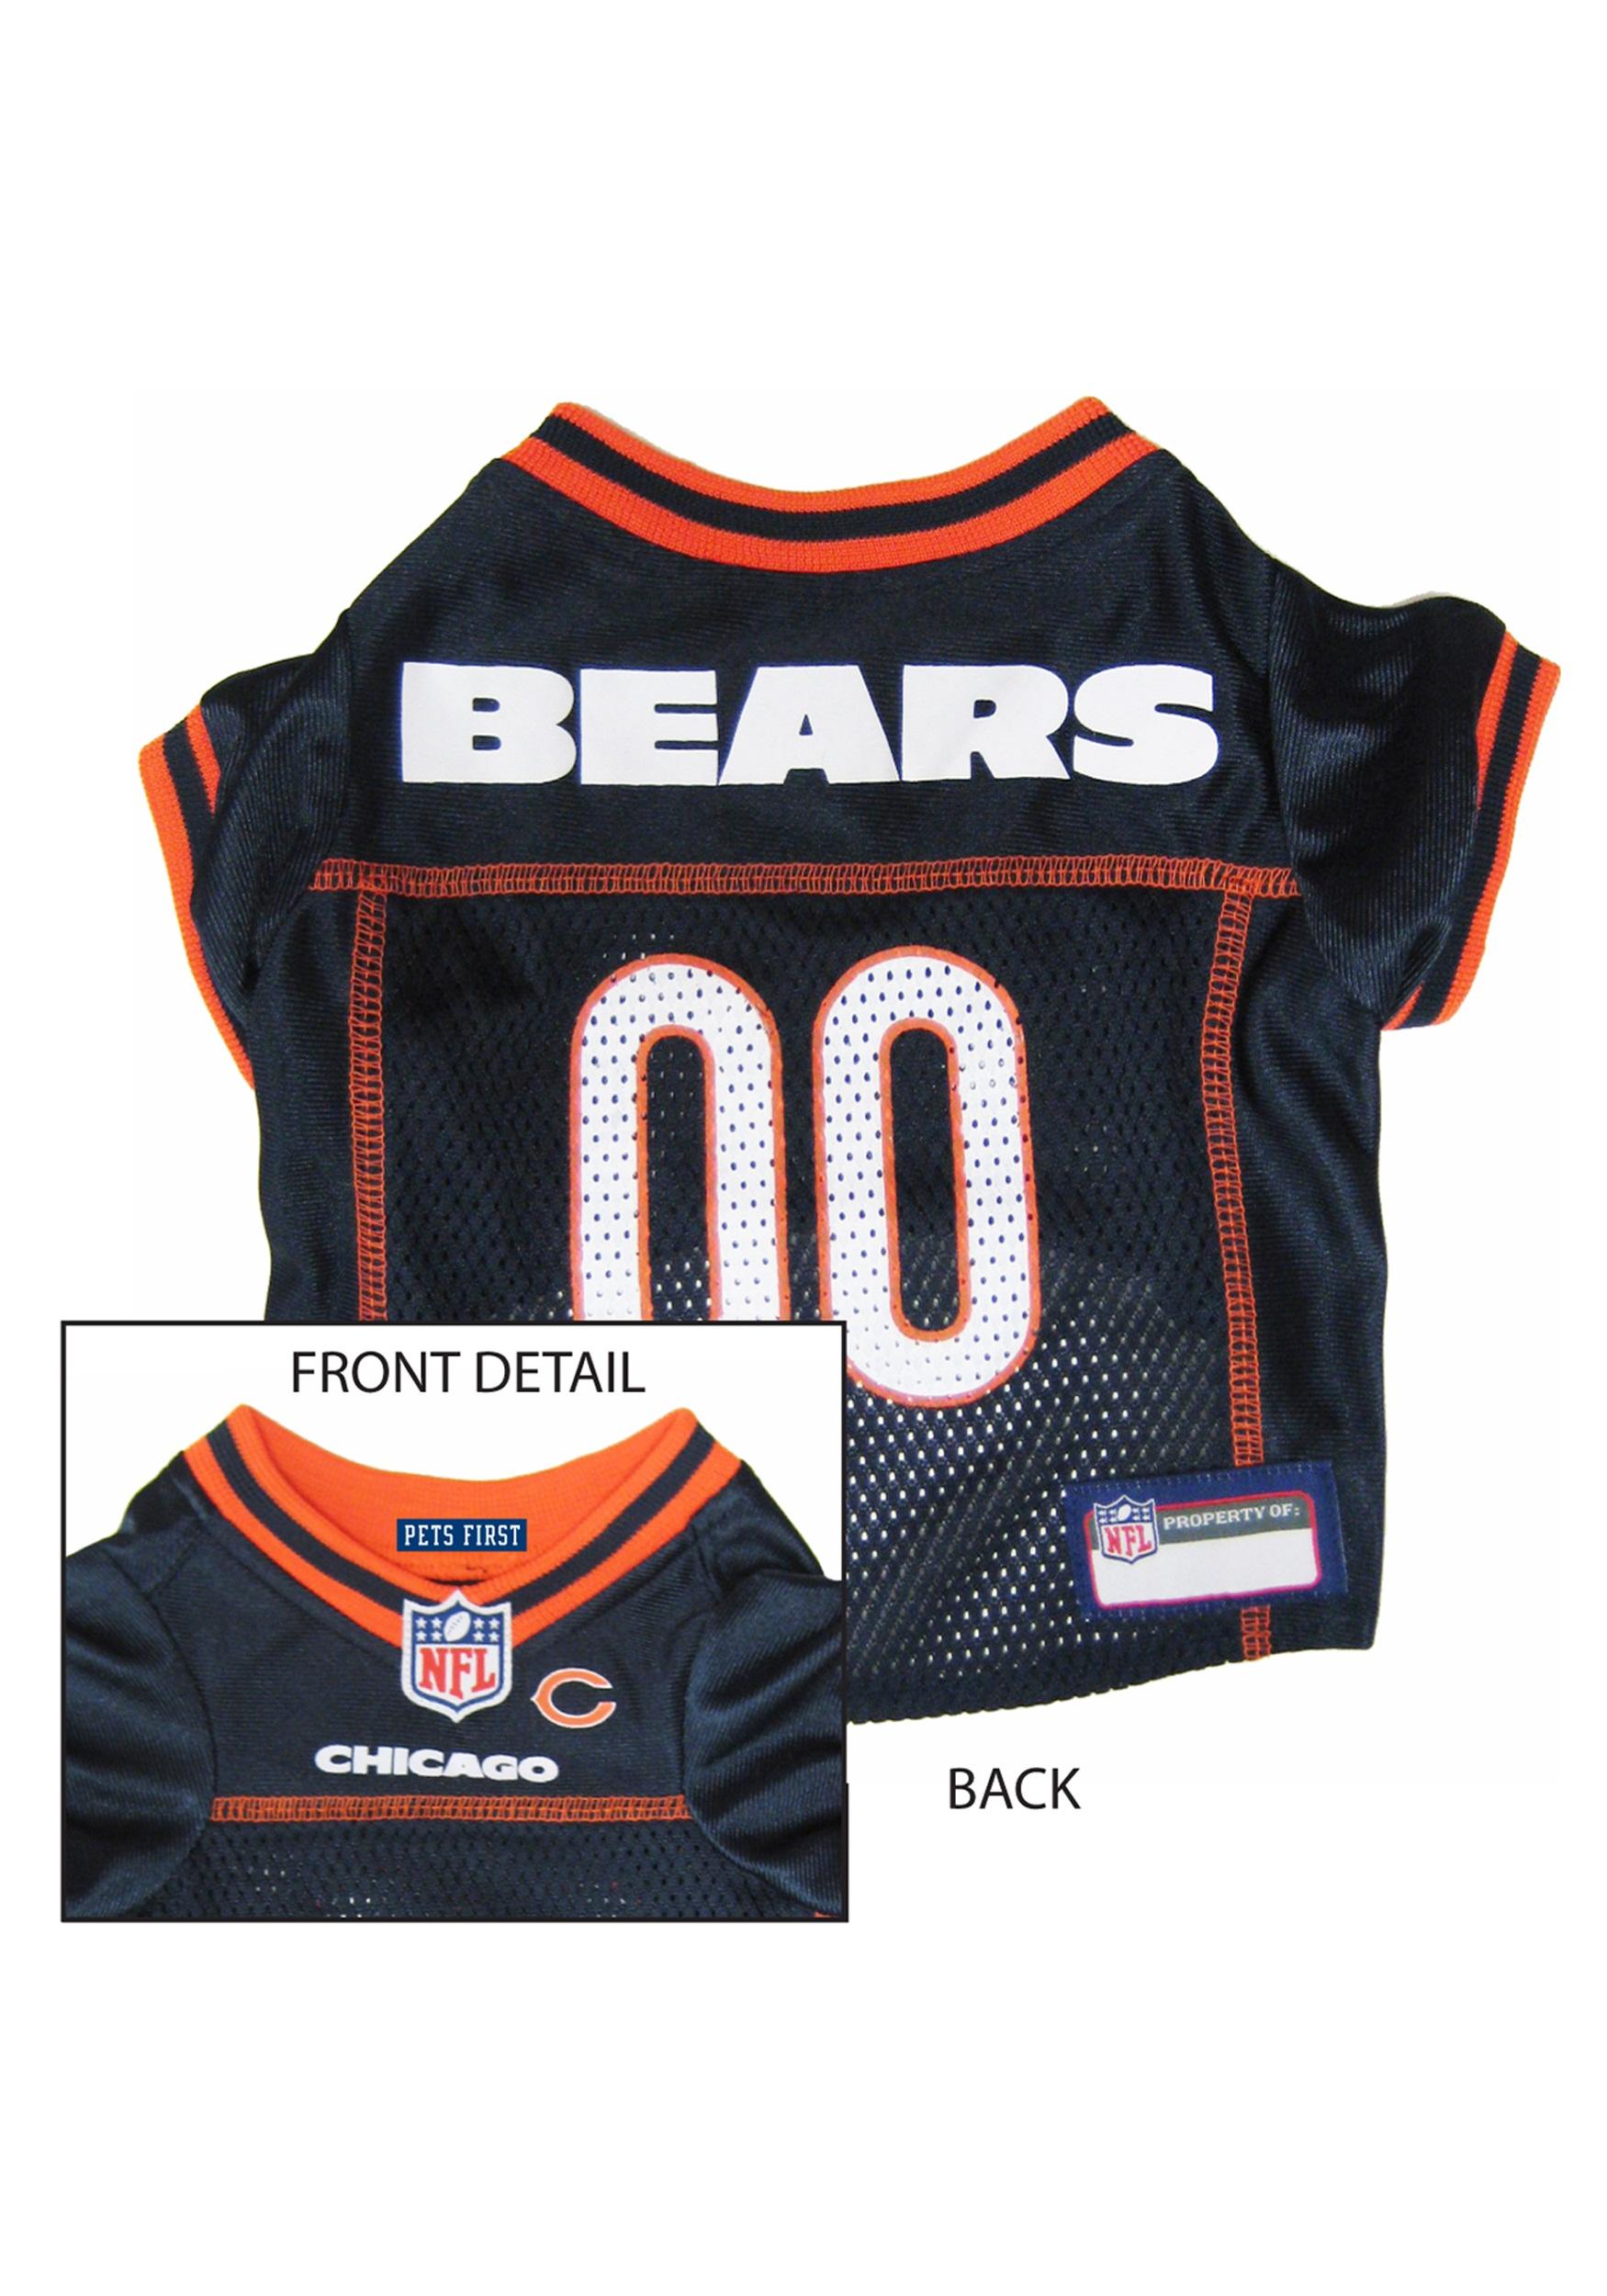 best website c8c11 8b8b8 Womens Chicago Bears Jersey Dress